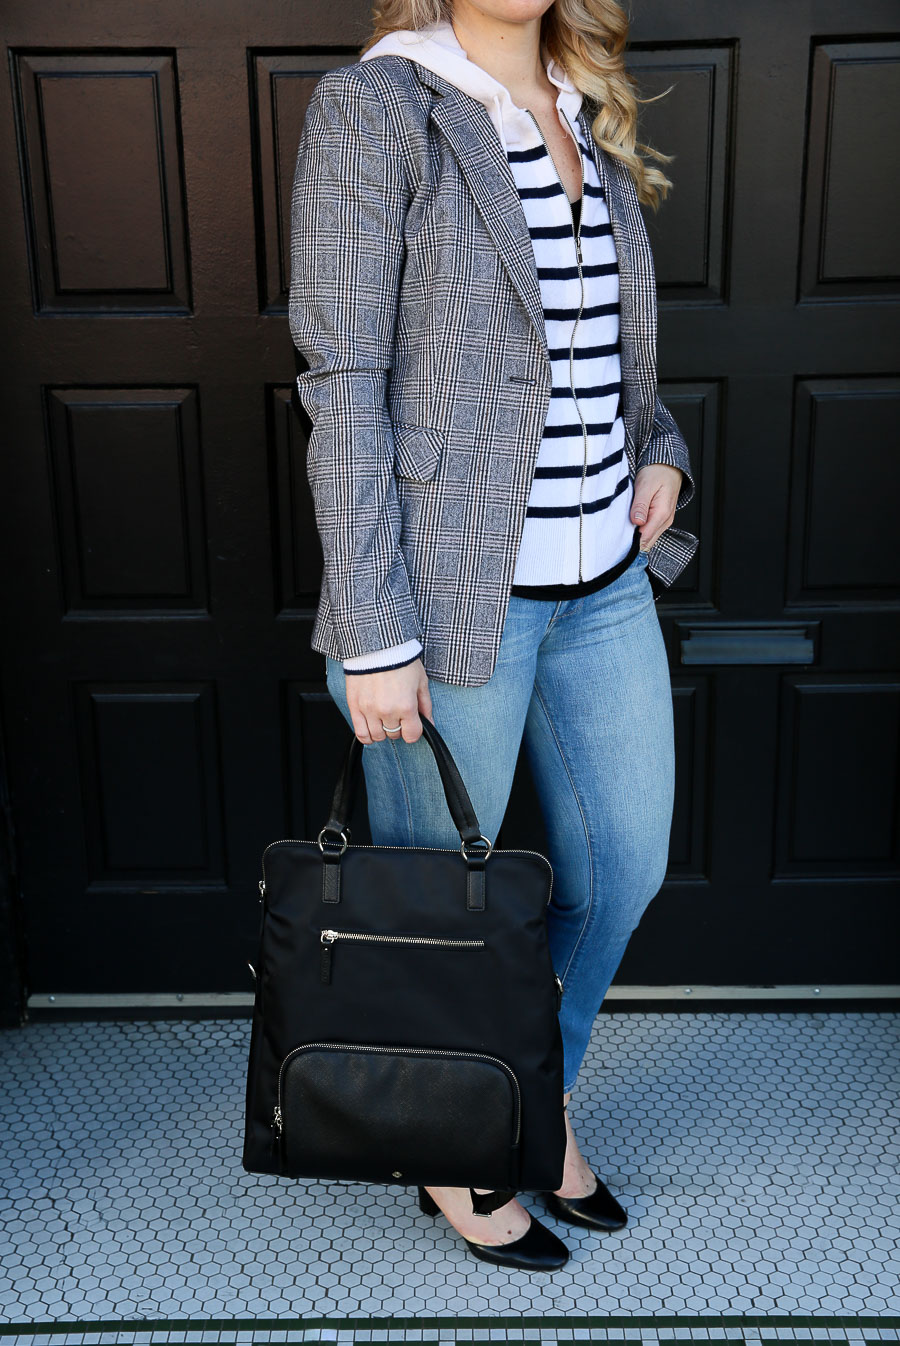 Samsonite Handbags Review - Encompass Convertible Tote